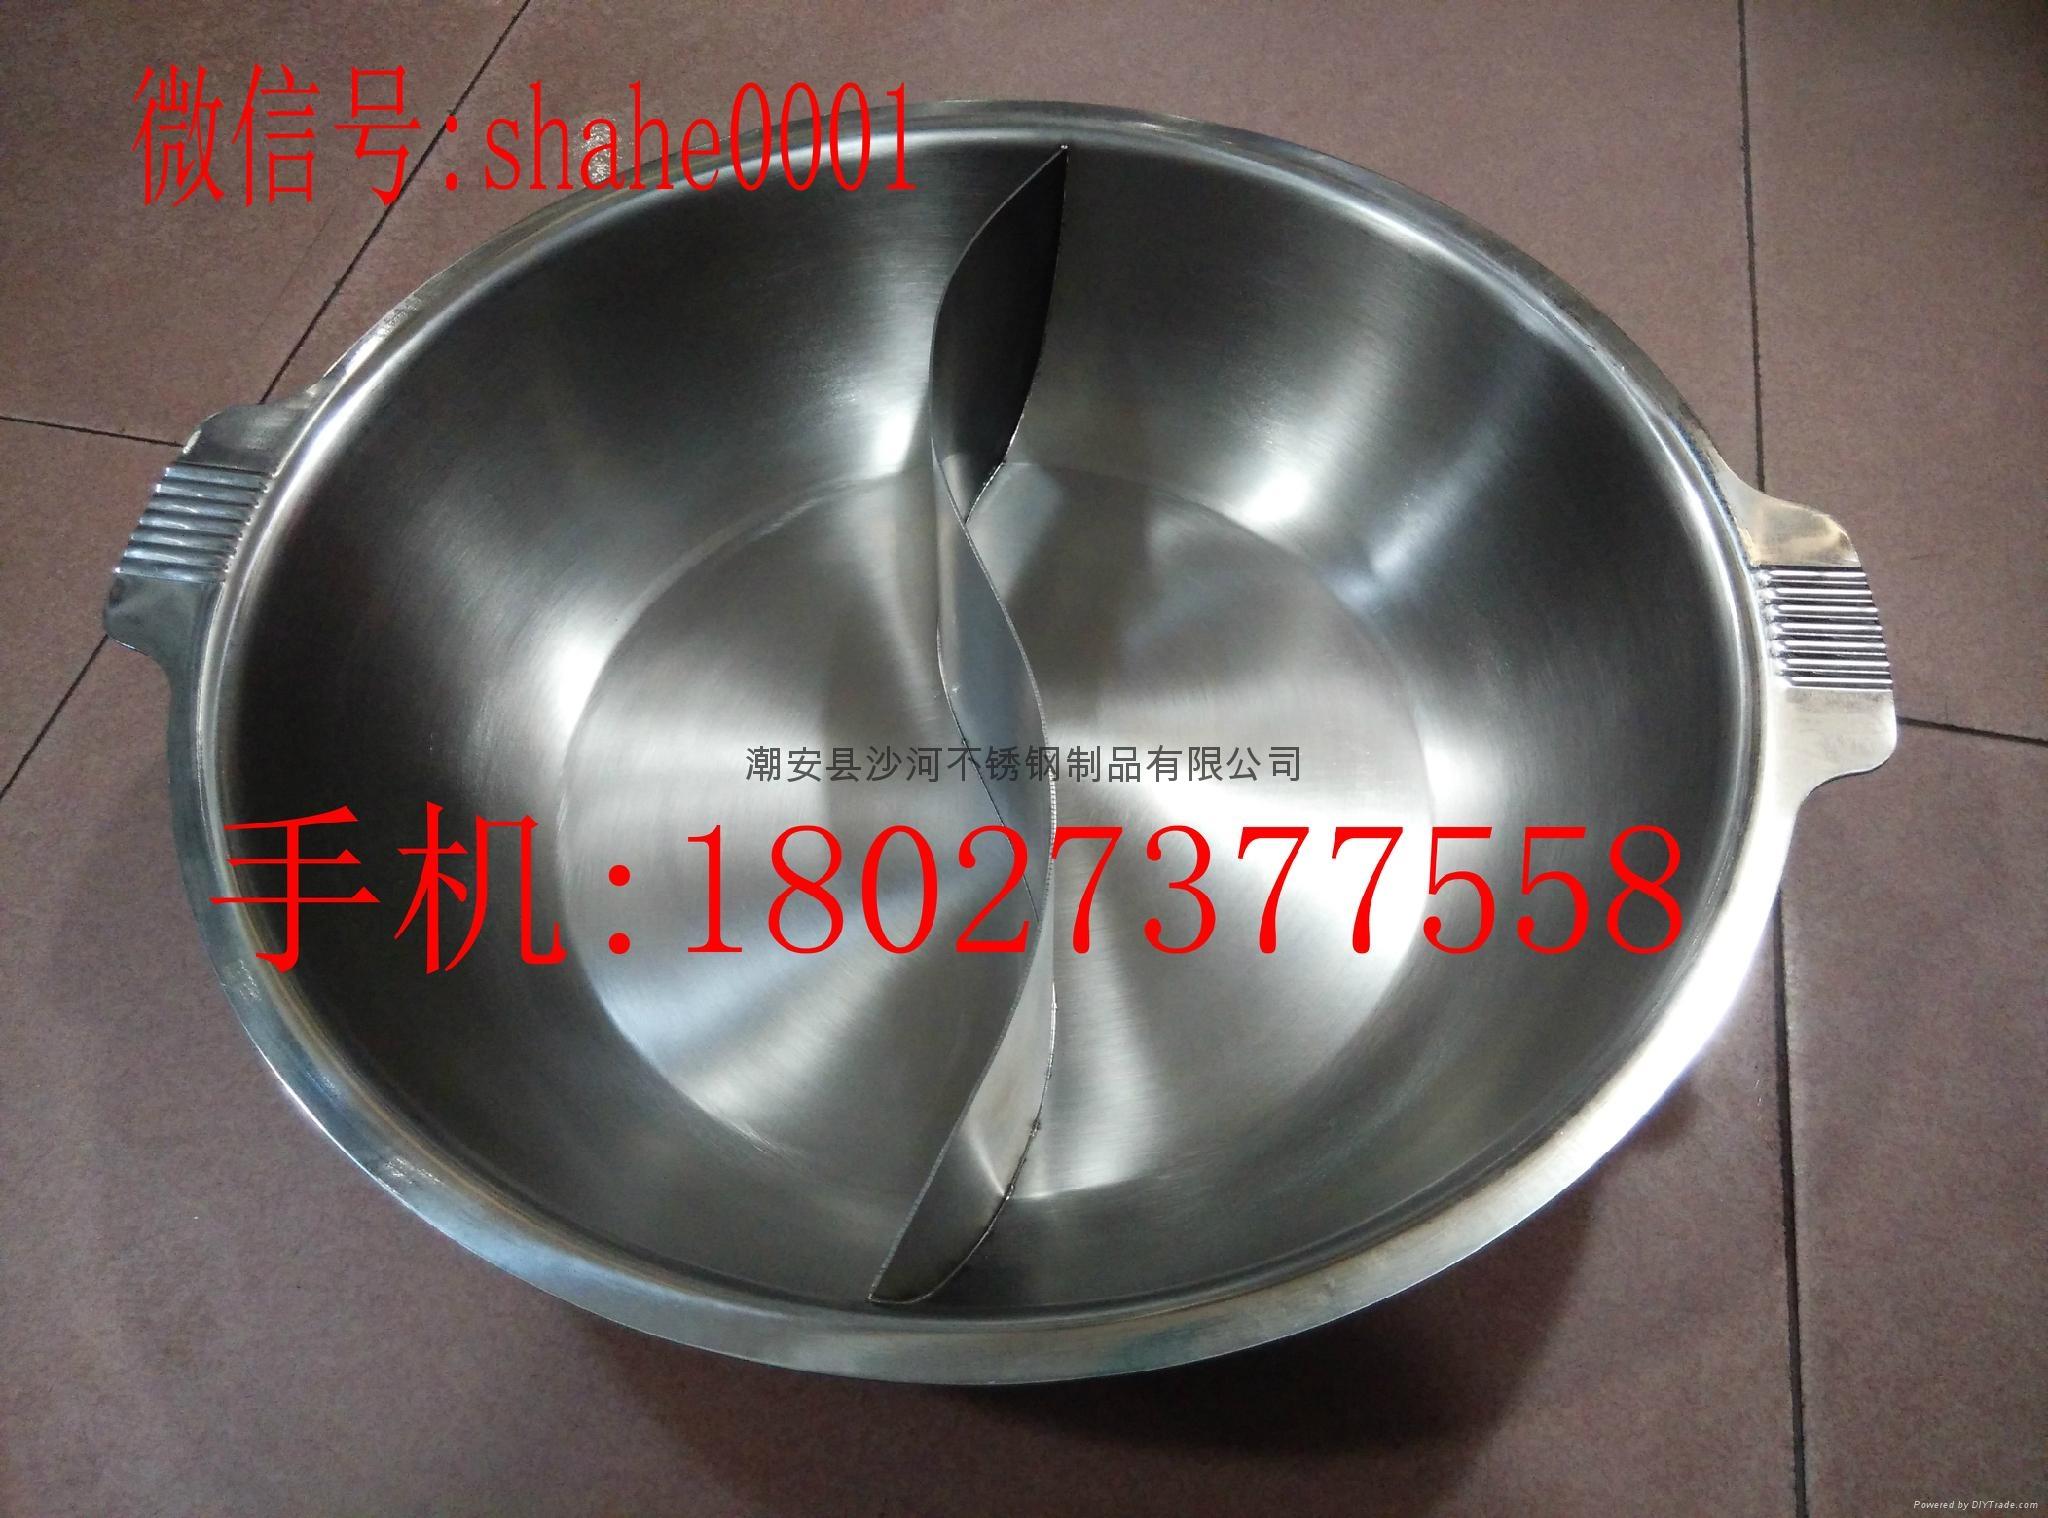 商业厨具三合钢鸳鸯火锅36cm不锈钢鸳鸯锅可用电磁炉燃气炉瓦斯炉 4